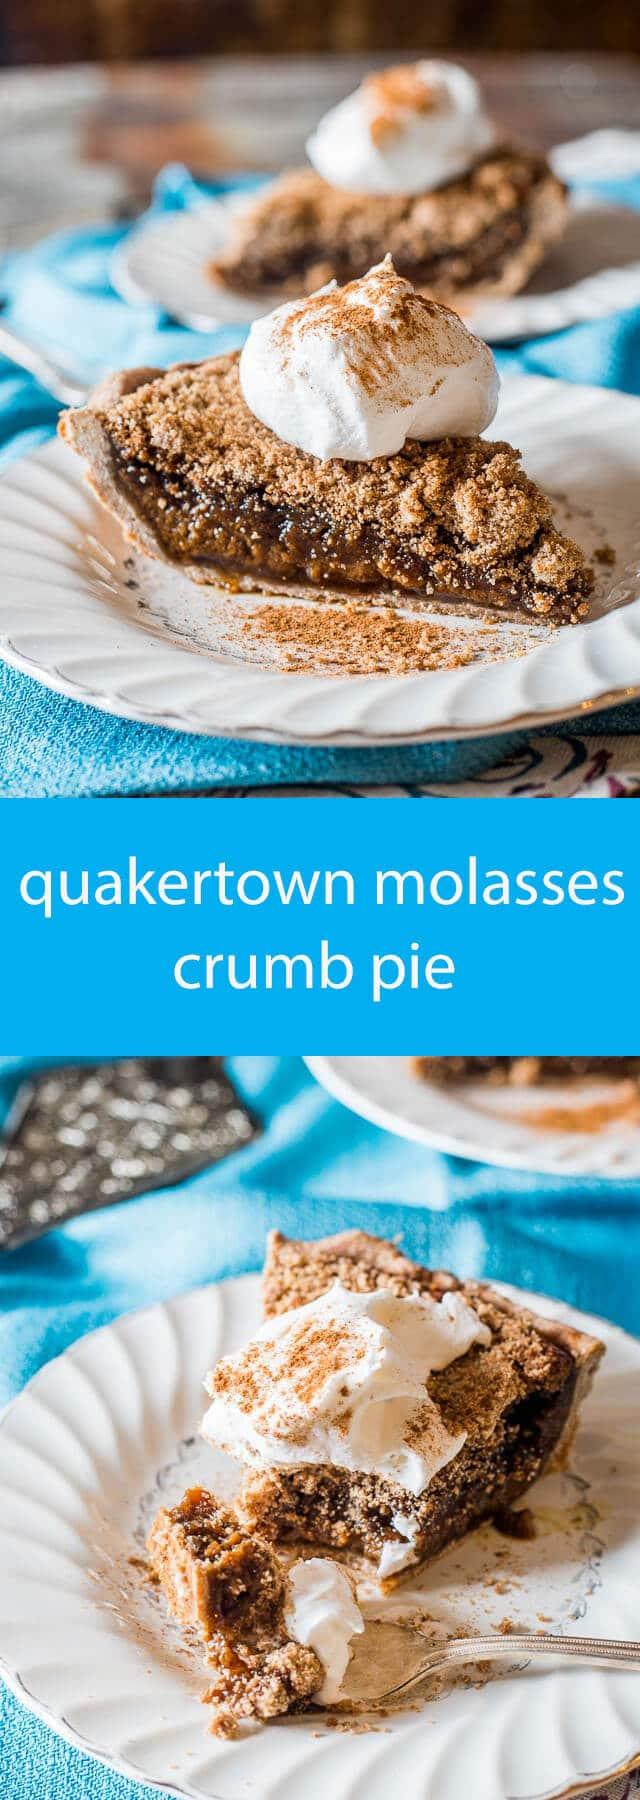 quakertown molasses crumb pie / dessert recipe with molasses / old fashioned recipes / pie recipes / crumb topping for pie / molasses pie